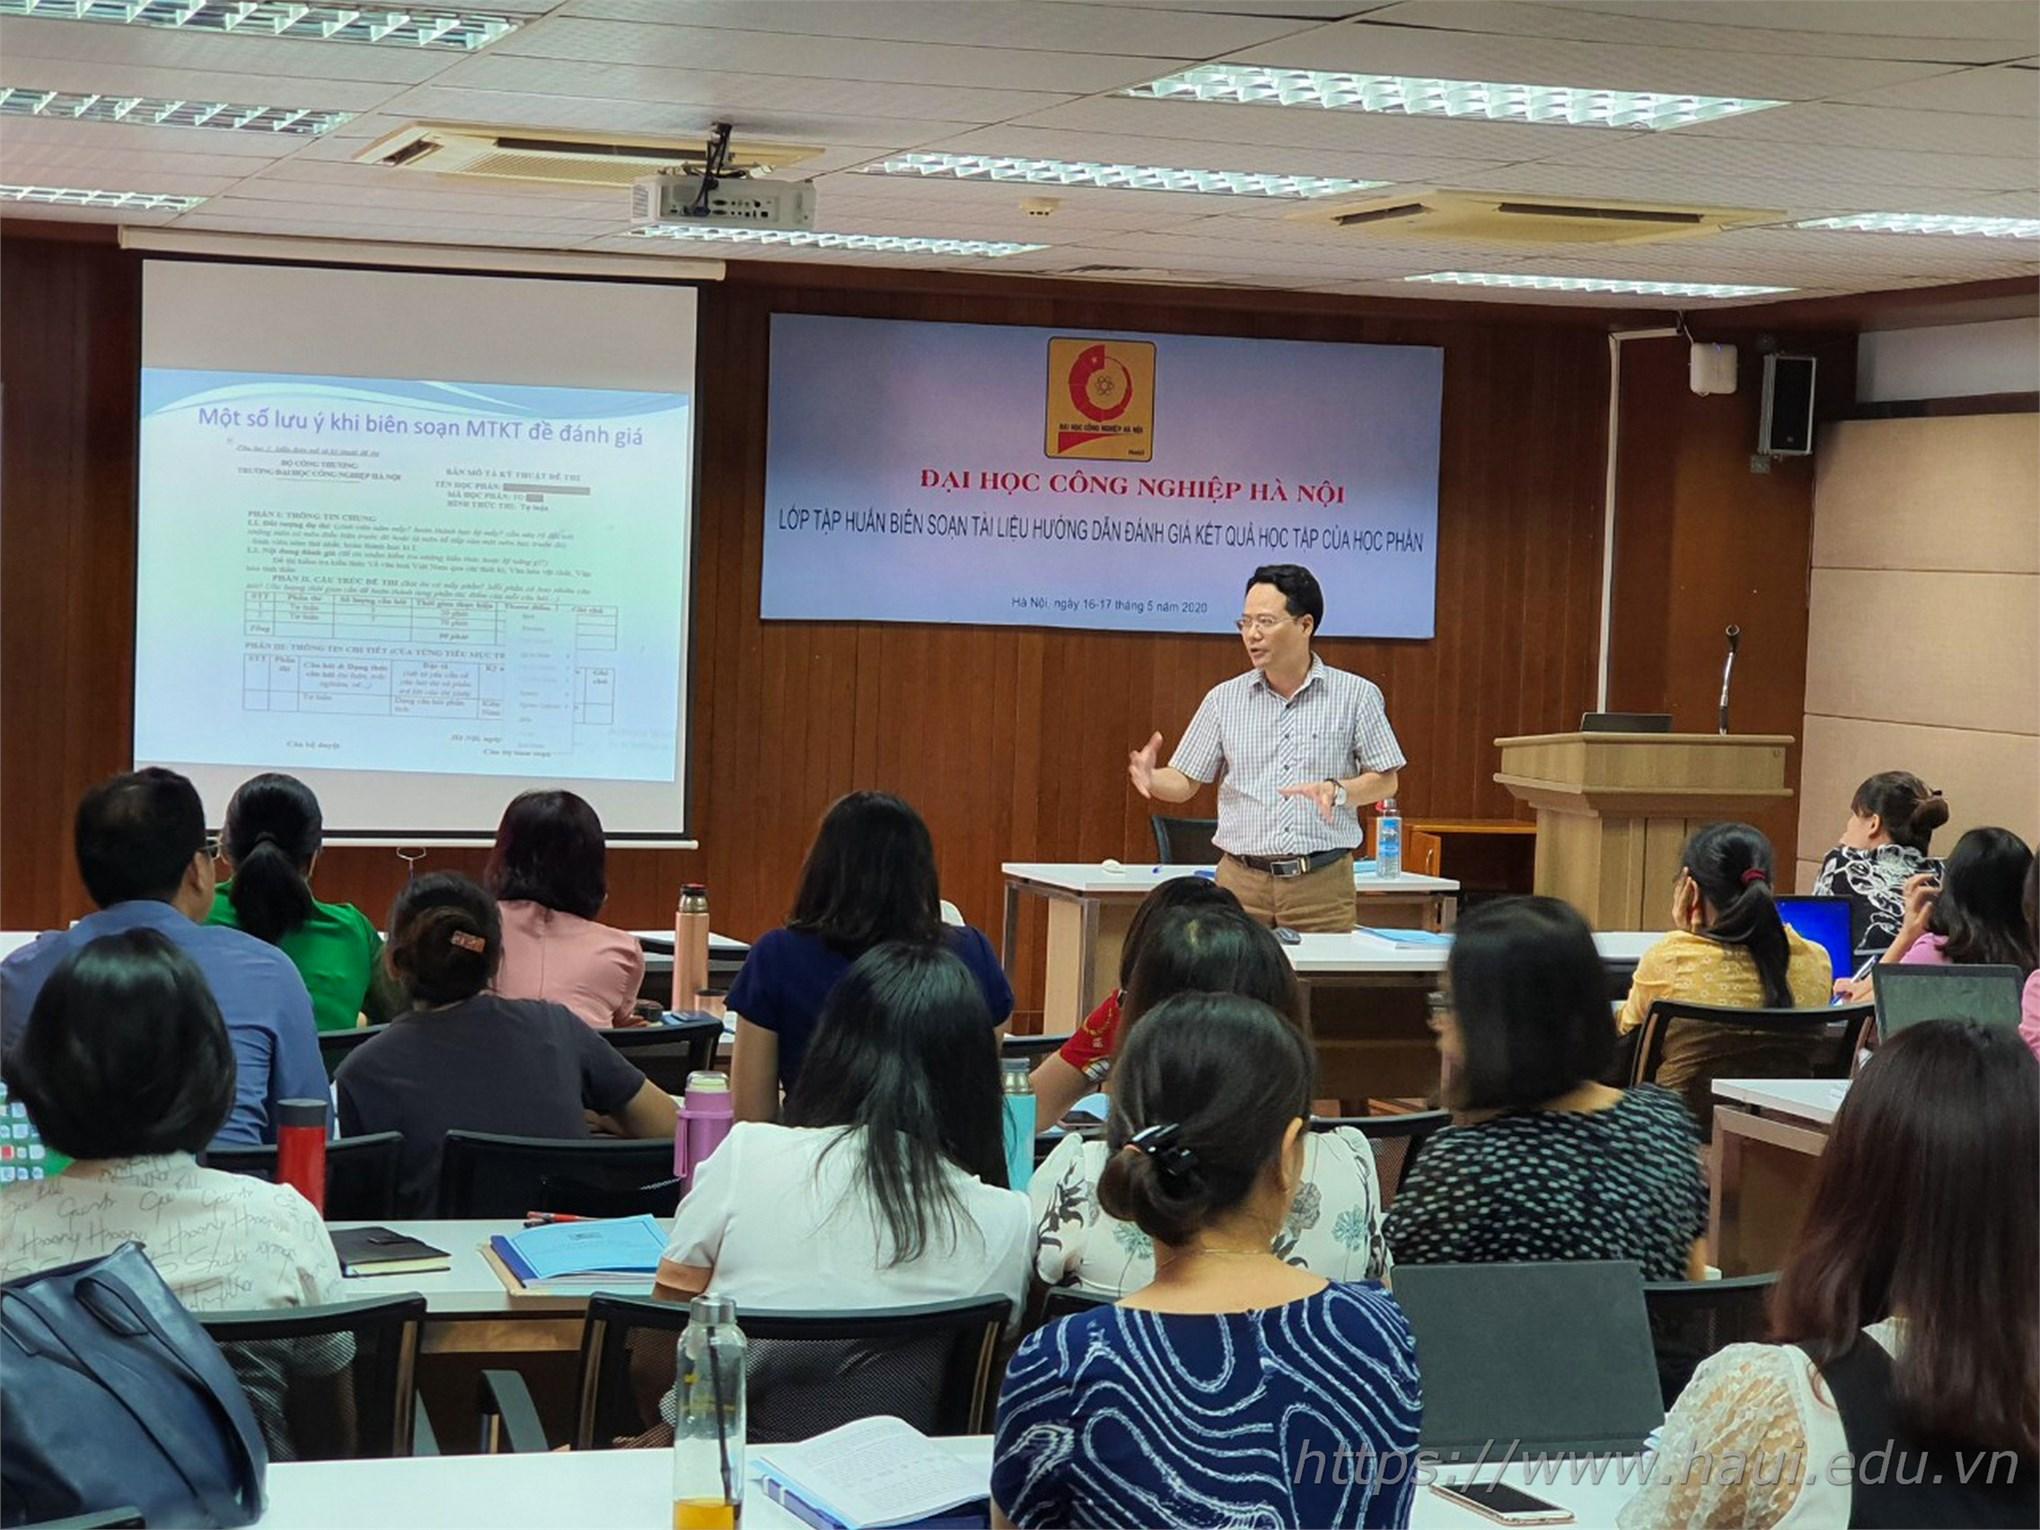 Cán bộ, giảng viên nhà trường tham gia lớp tập huấn về đánh giá kết quả học tập học phần